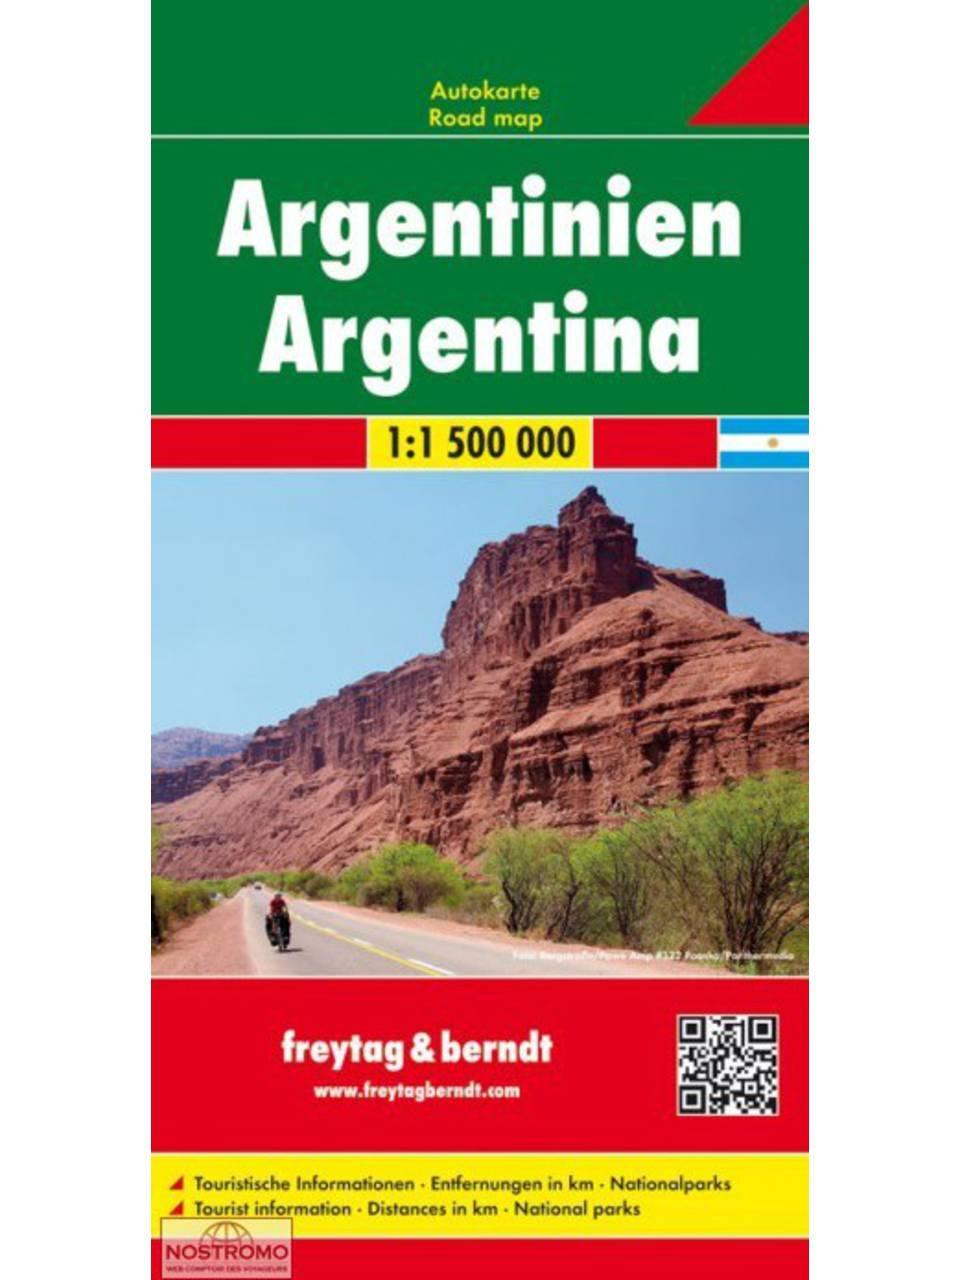 Argentinië | wegenkaart, autokaart 1:1.900.000 9783707914313  Freytag & Berndt   Landkaarten en wegenkaarten Chili, Argentinië, Patagonië